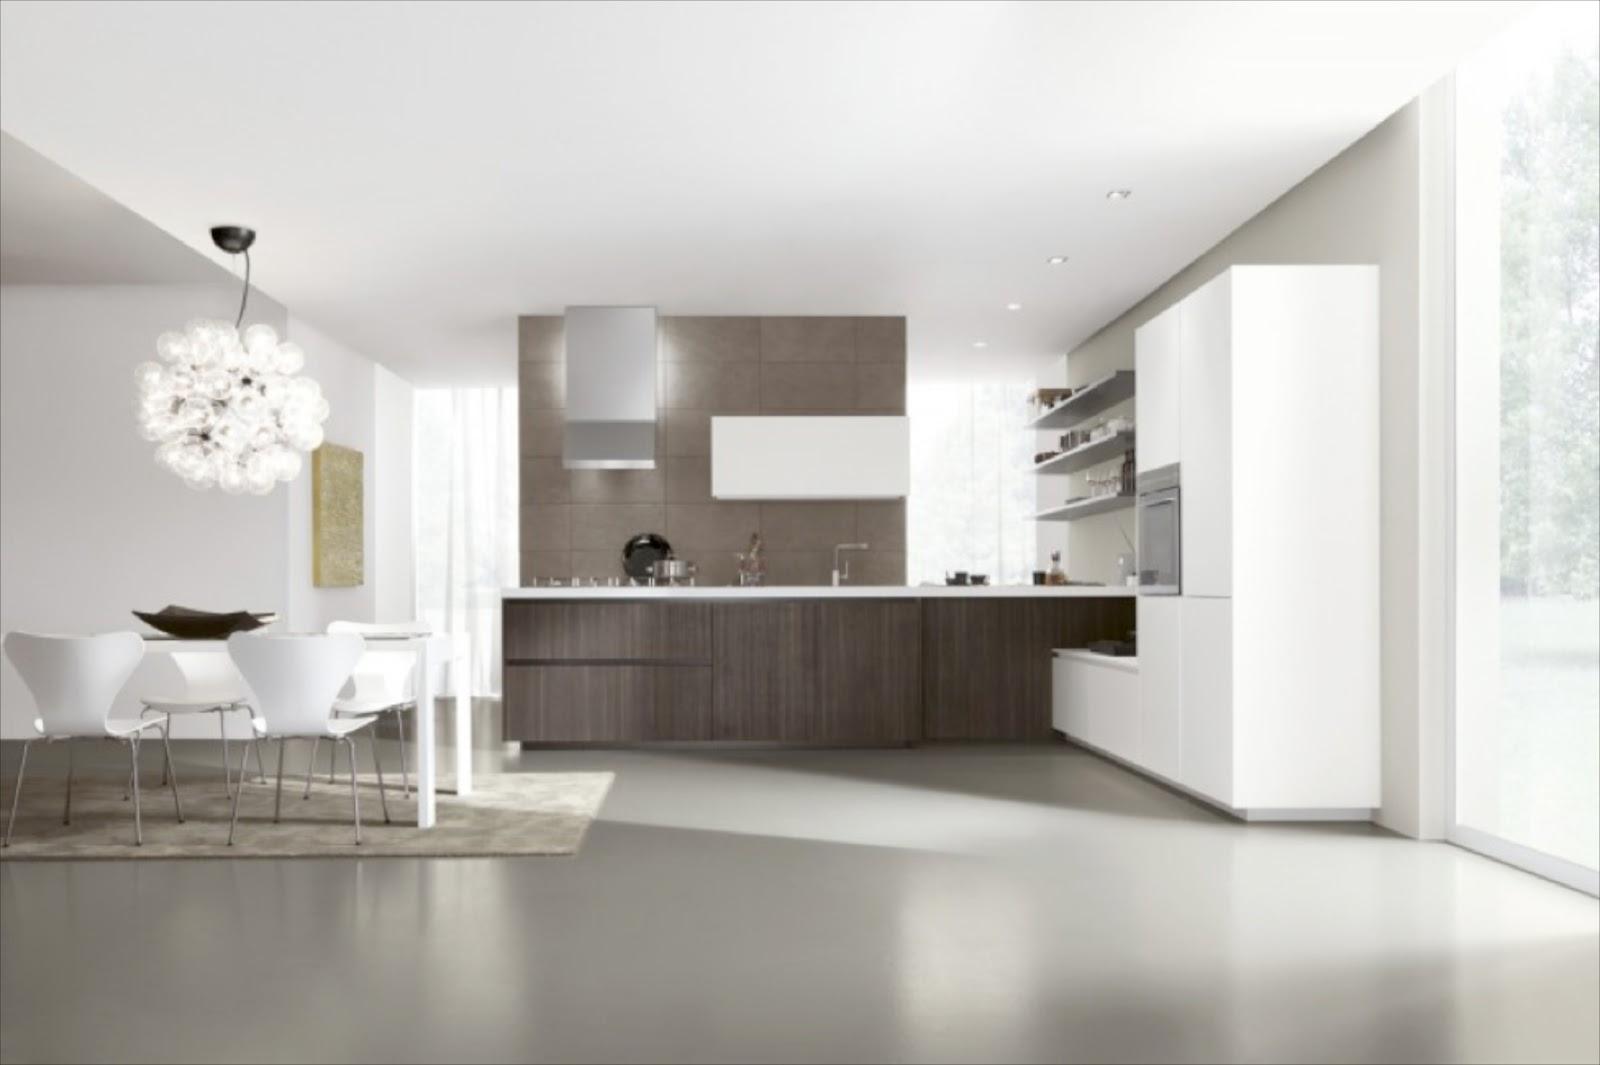 Lampadari moderni cucina soggiorno acciaio ispirazione for Cucina open space con pilastri